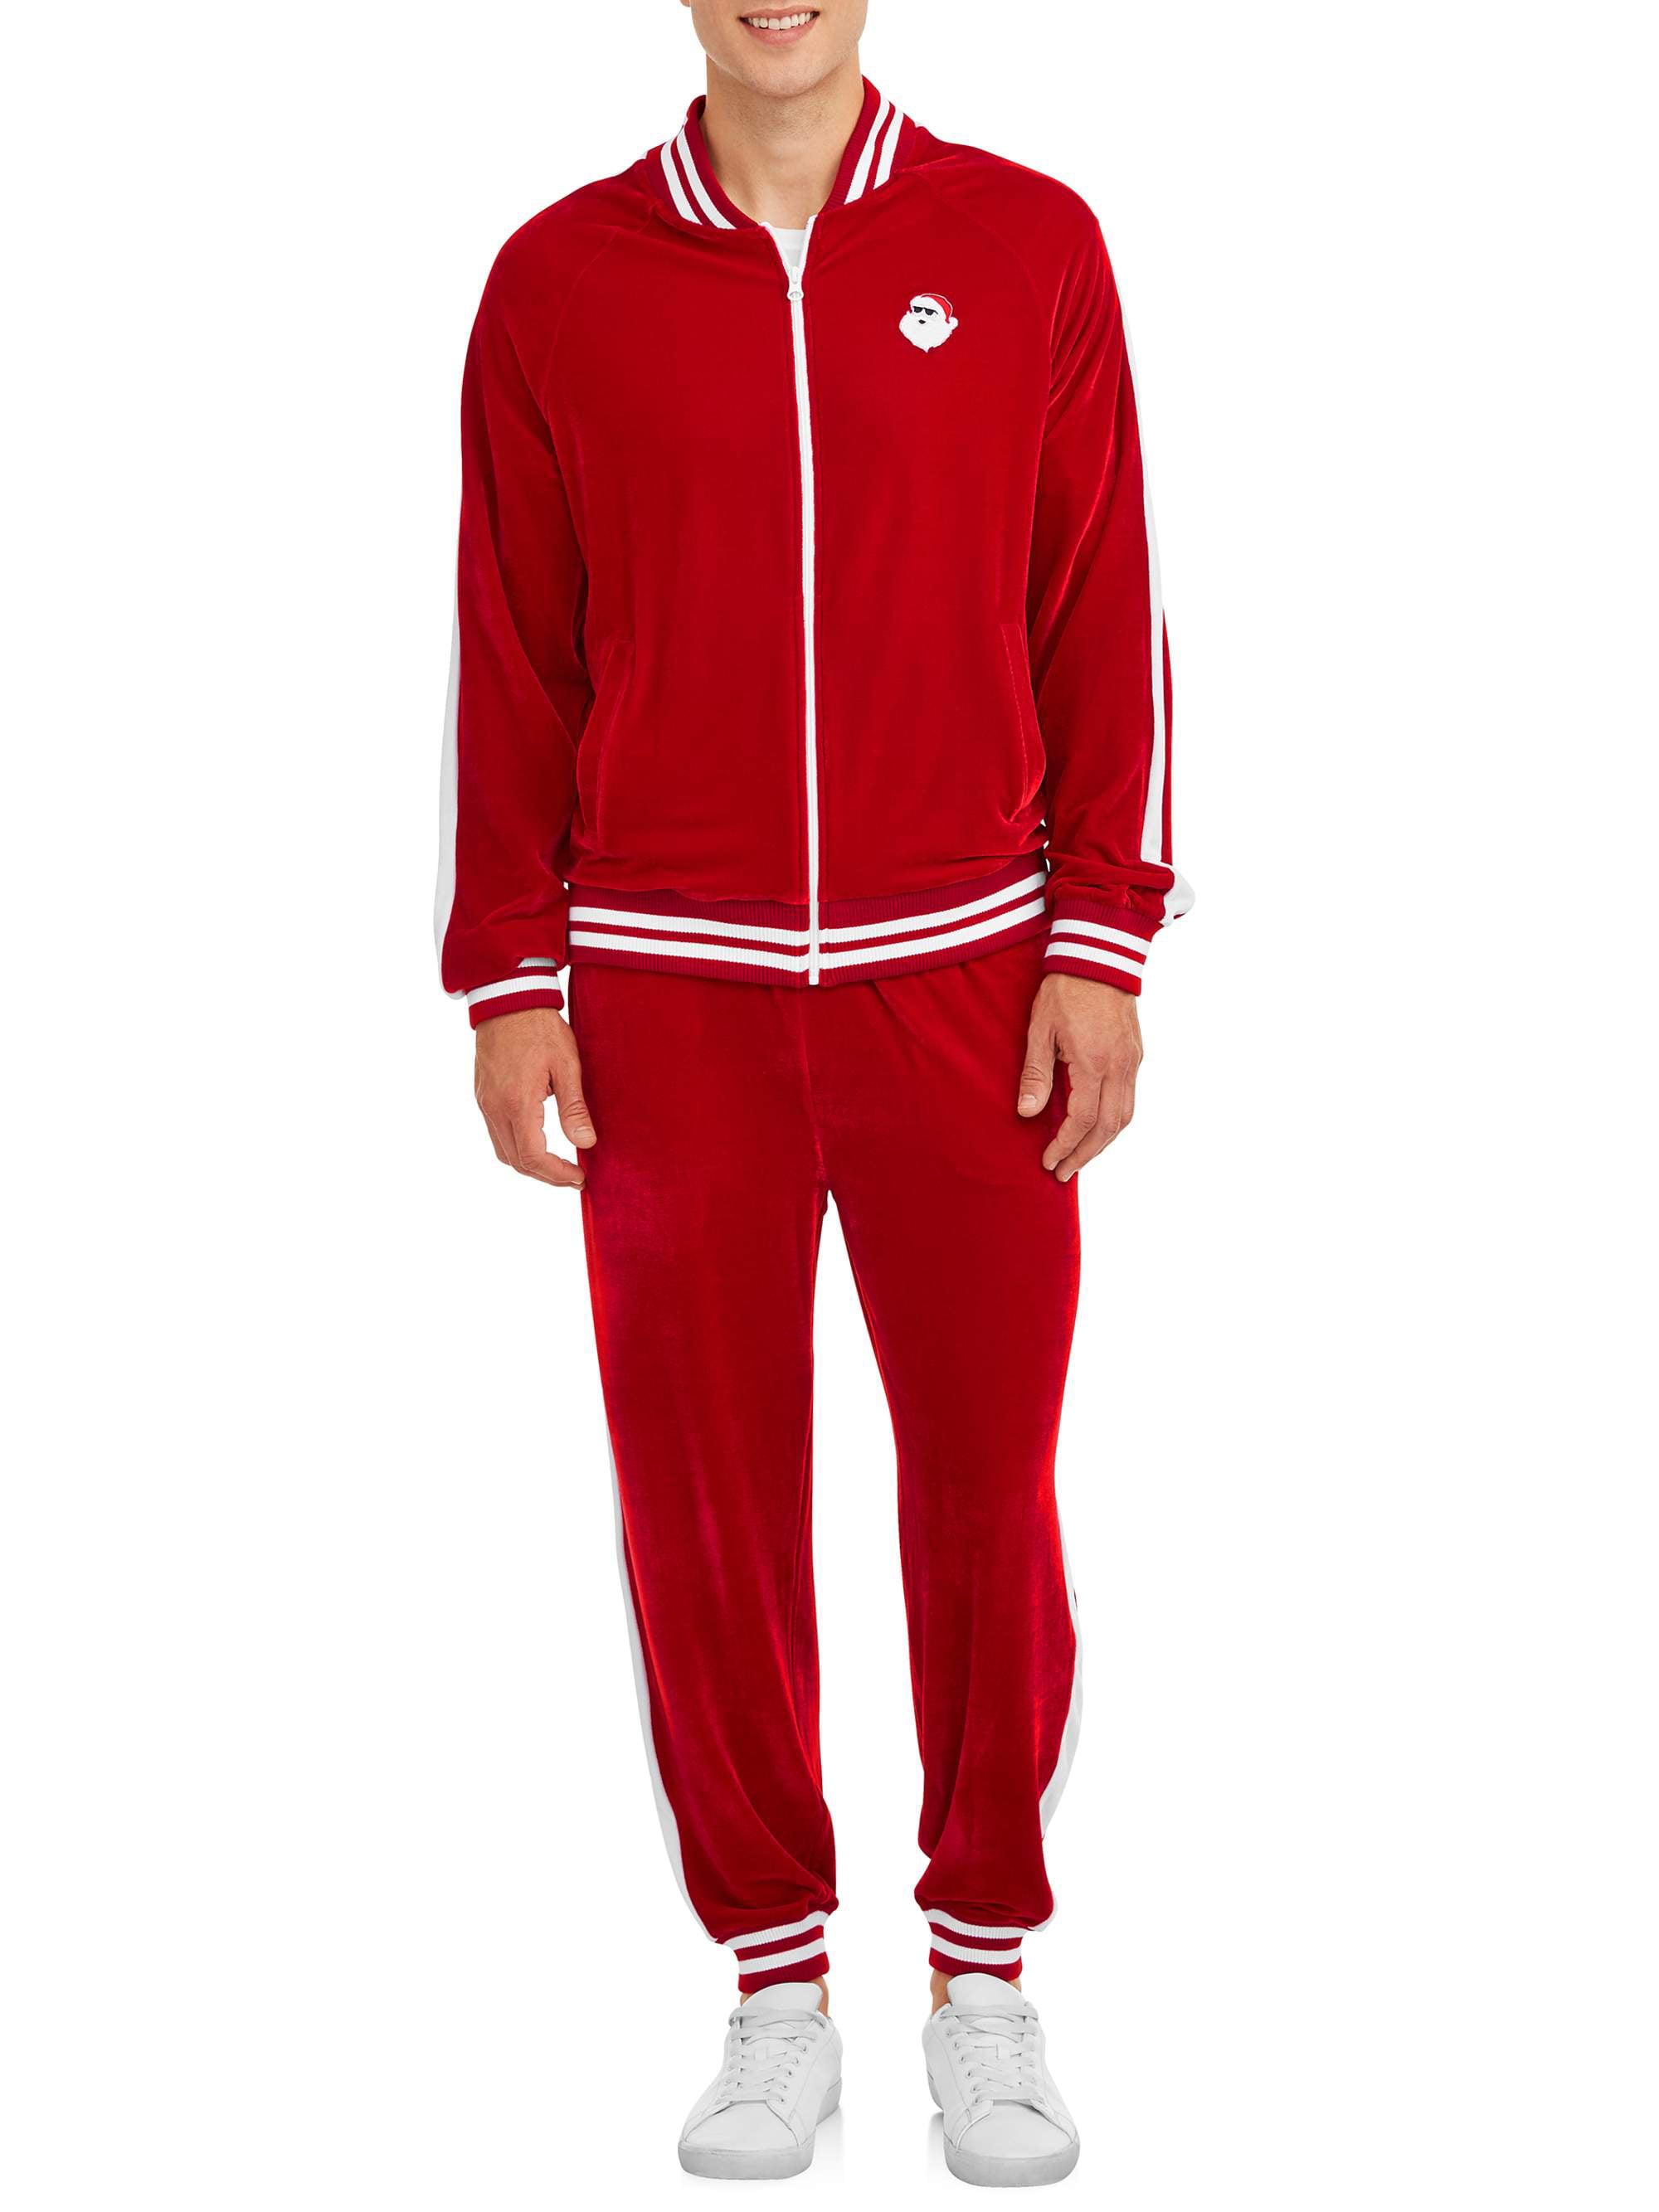 Men/'s Tracksuit 2 Piece Jacket /& Pants Set Jogging Athletic Full Zip Track Suit